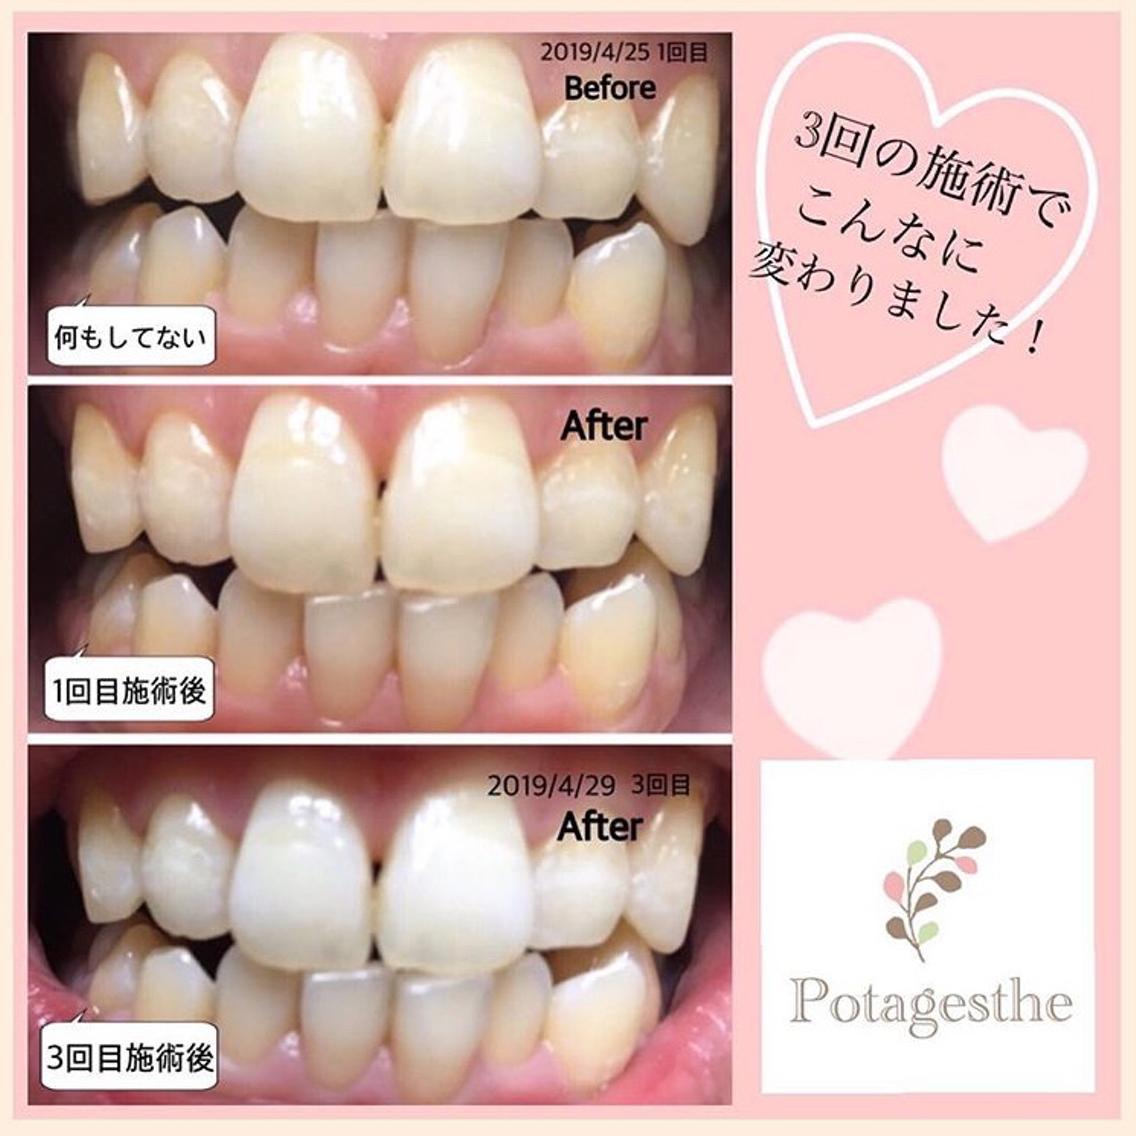 #その他 歯のエステ🦷セルフホワイトニング 3回でこんなに白くなりました!! 当サロンで行った施術効果のお写真です♪